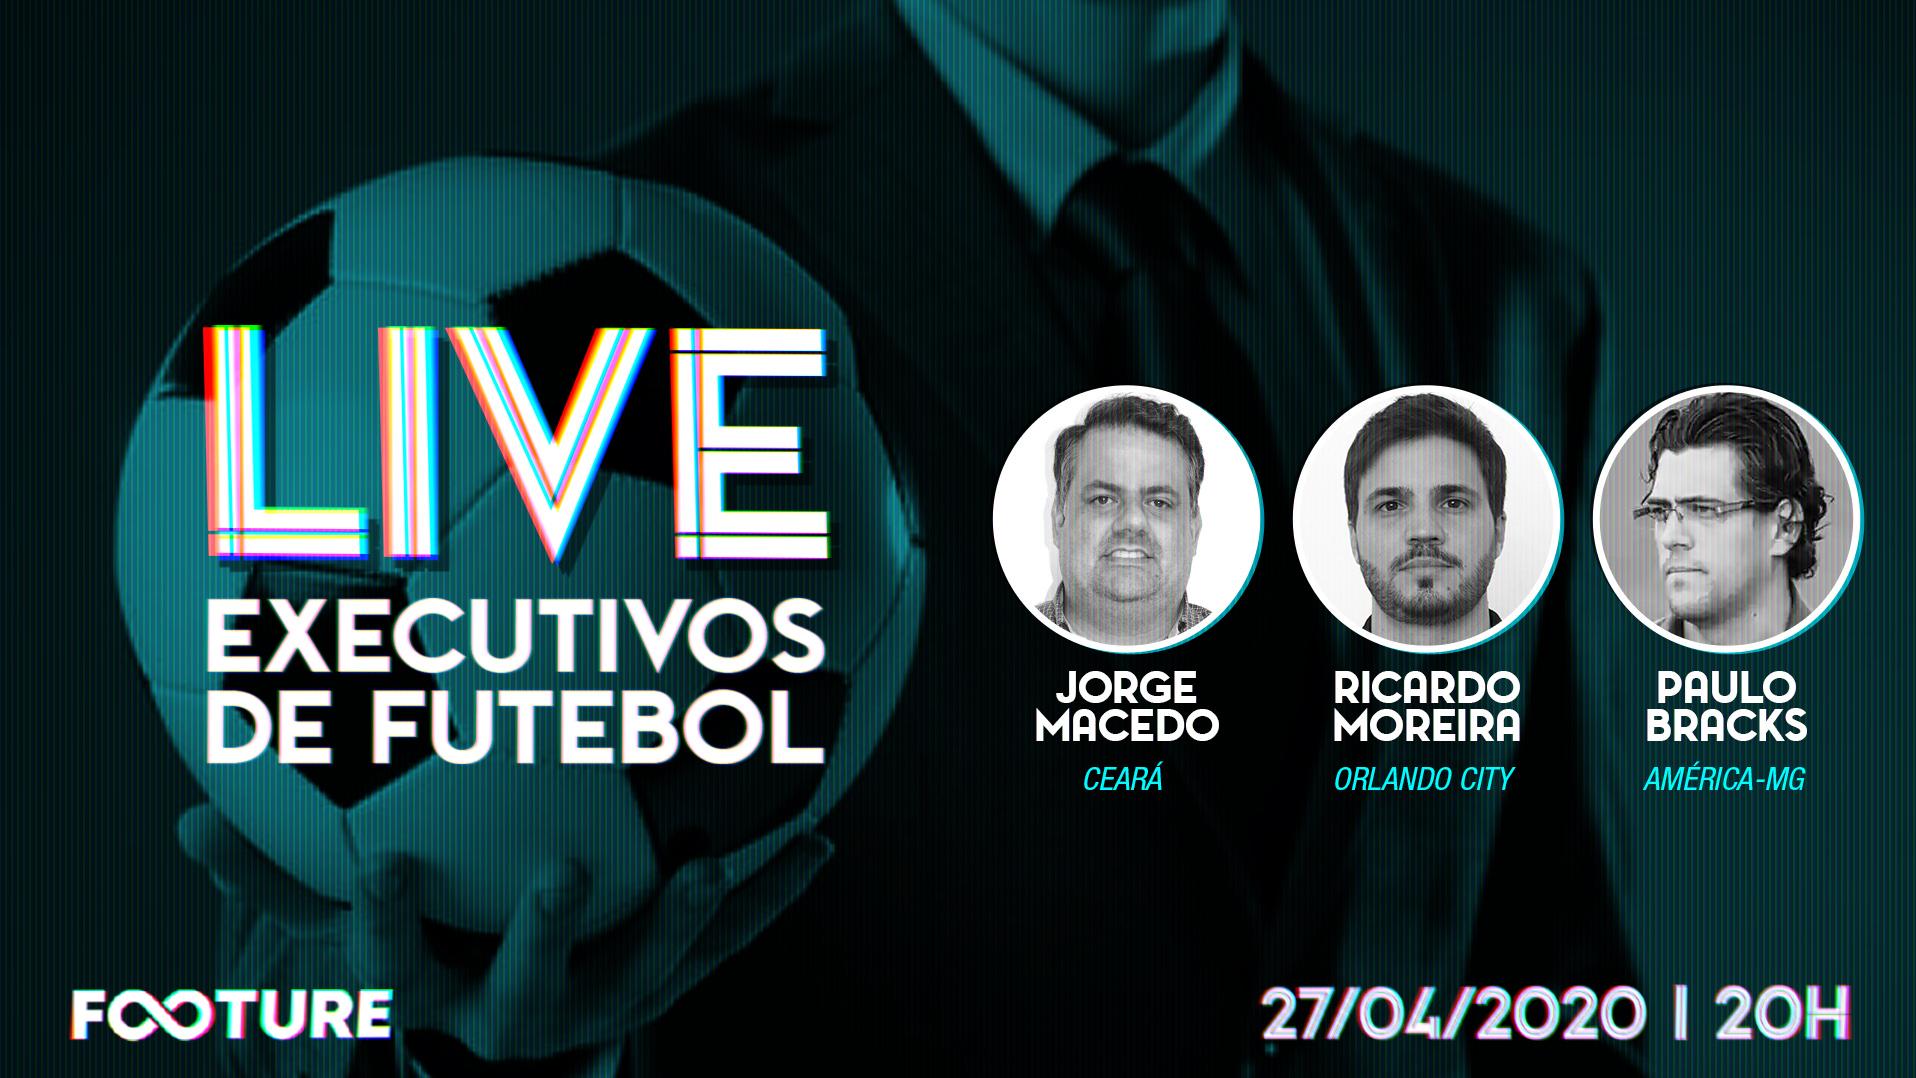 Live Futeboleira #95 | Os Executivos de Futebol